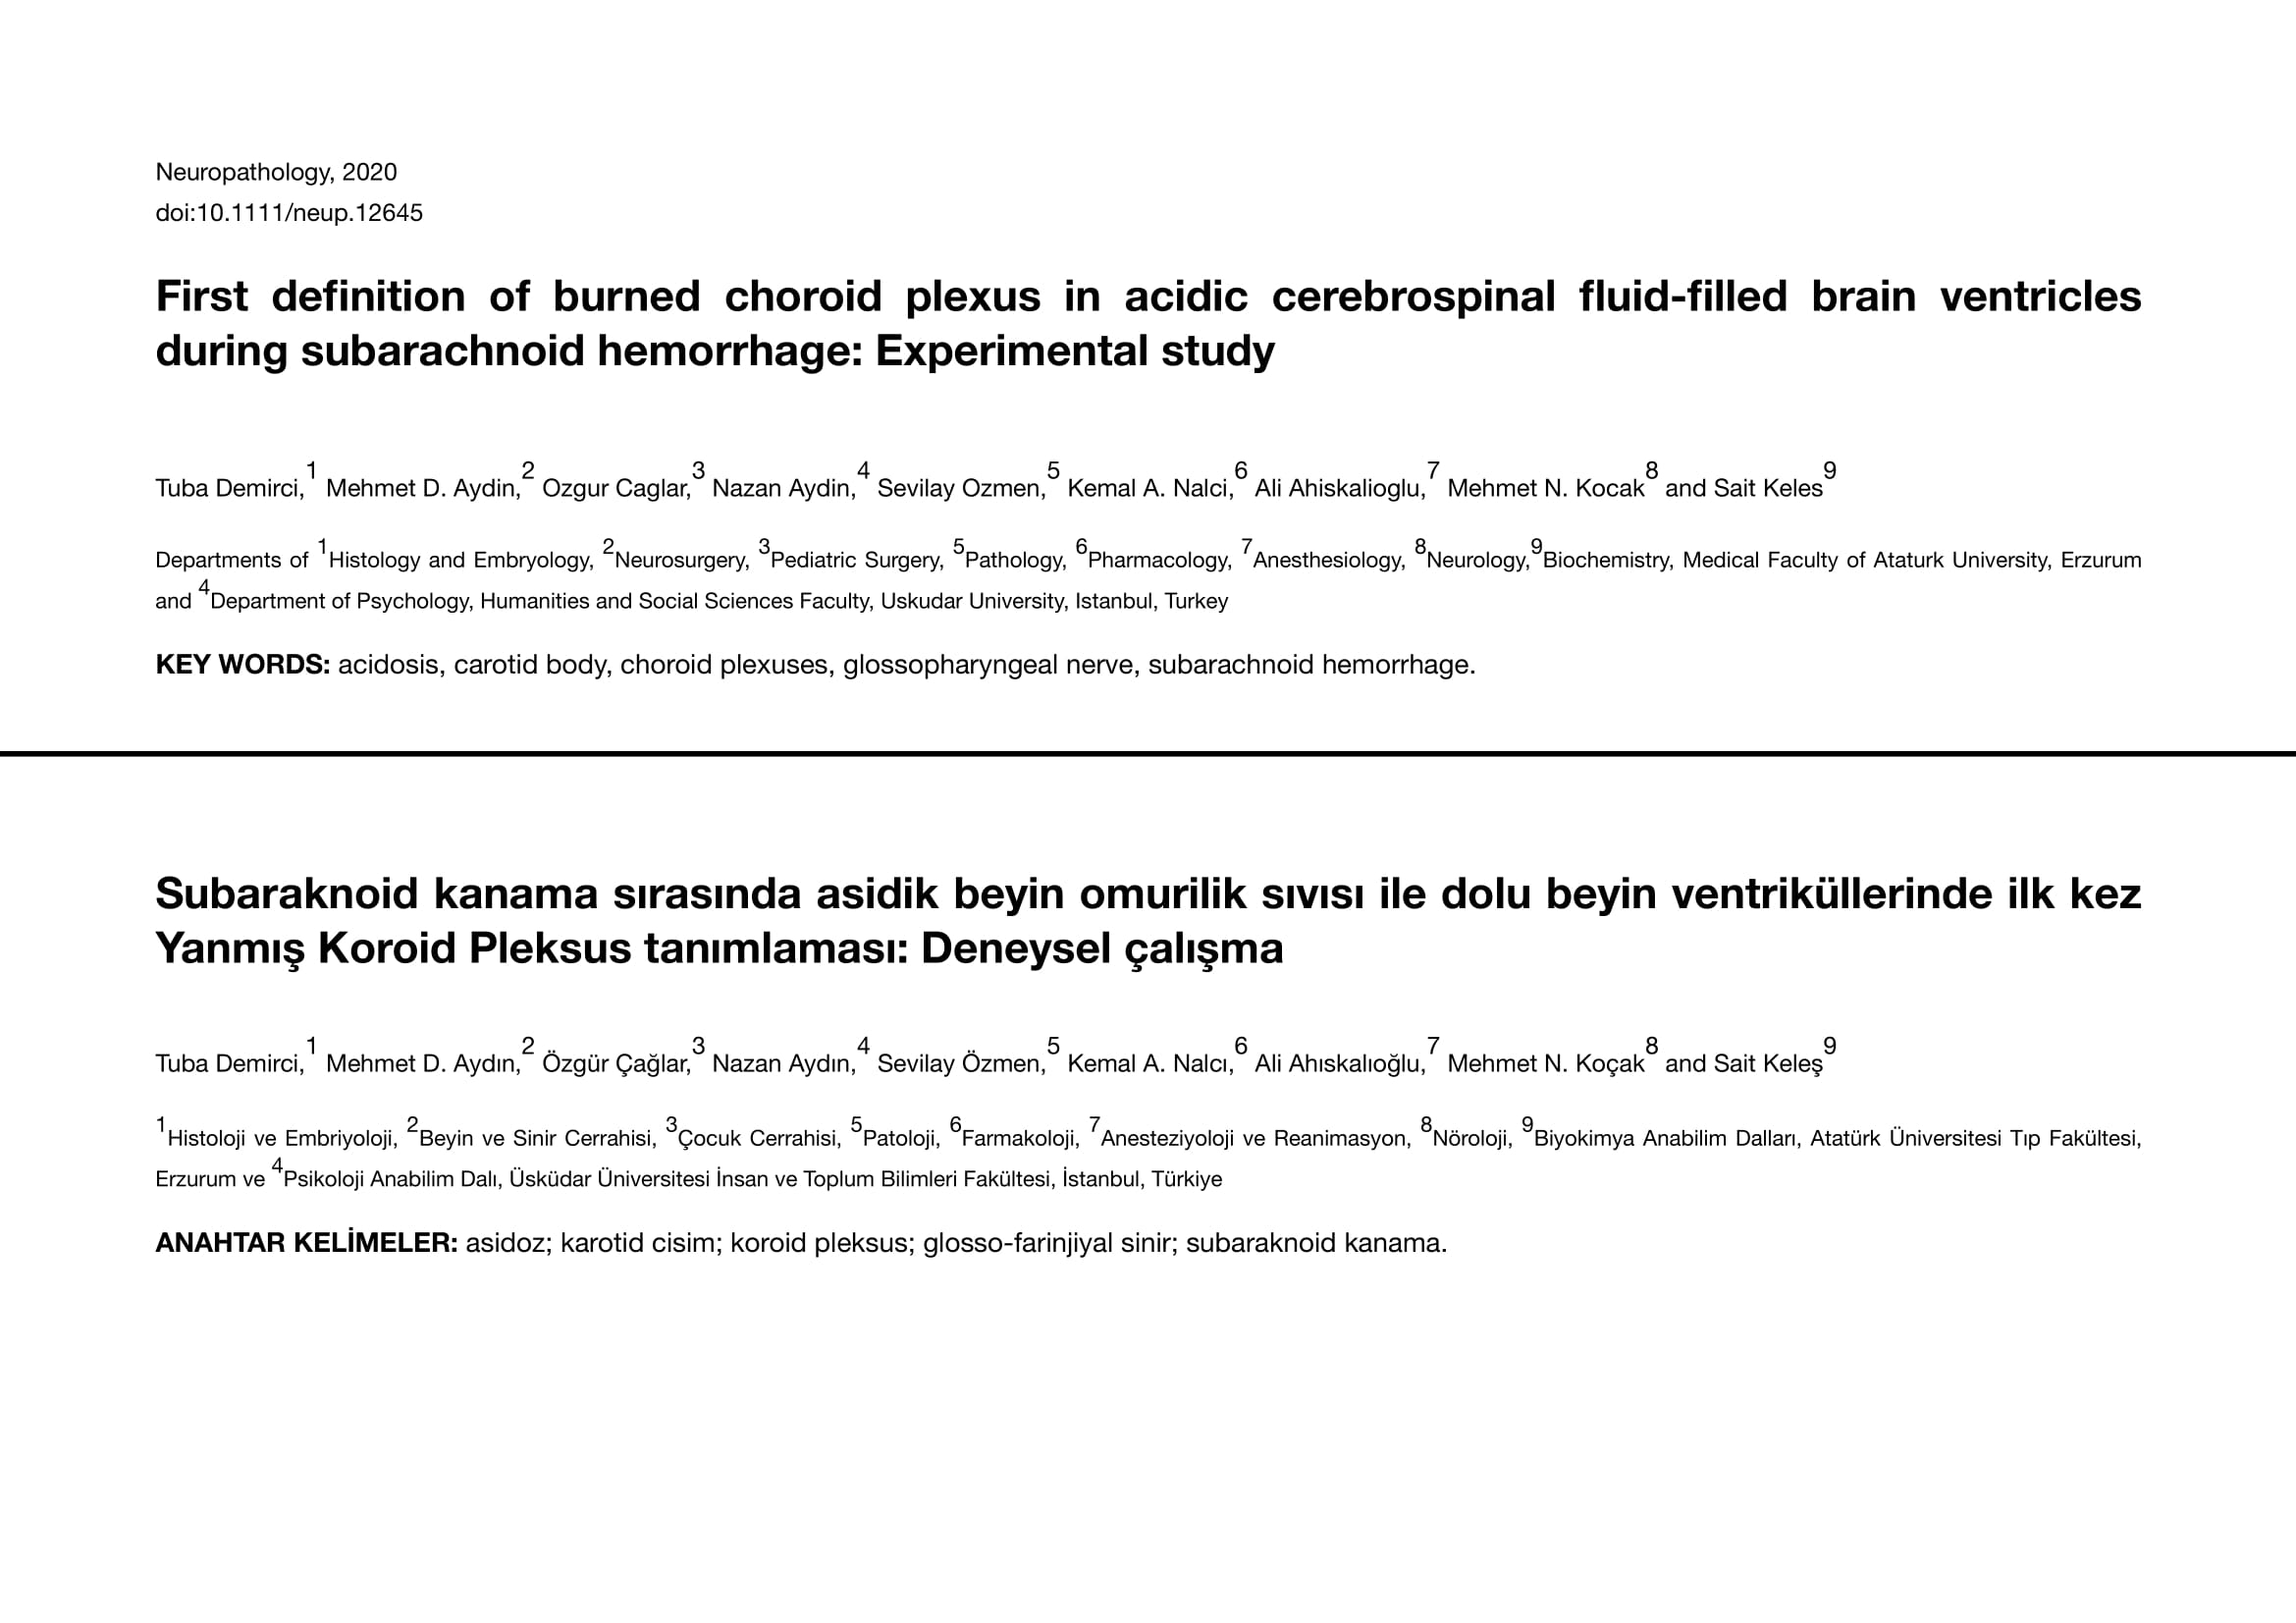 Subaraknoid kanama sırasında asidik beyin omurilik sıvısı ile dolu beyin ventriküllerinde ilk kez Yanmış Koroid Pleksus tanımlaması: Deneysel çalışma